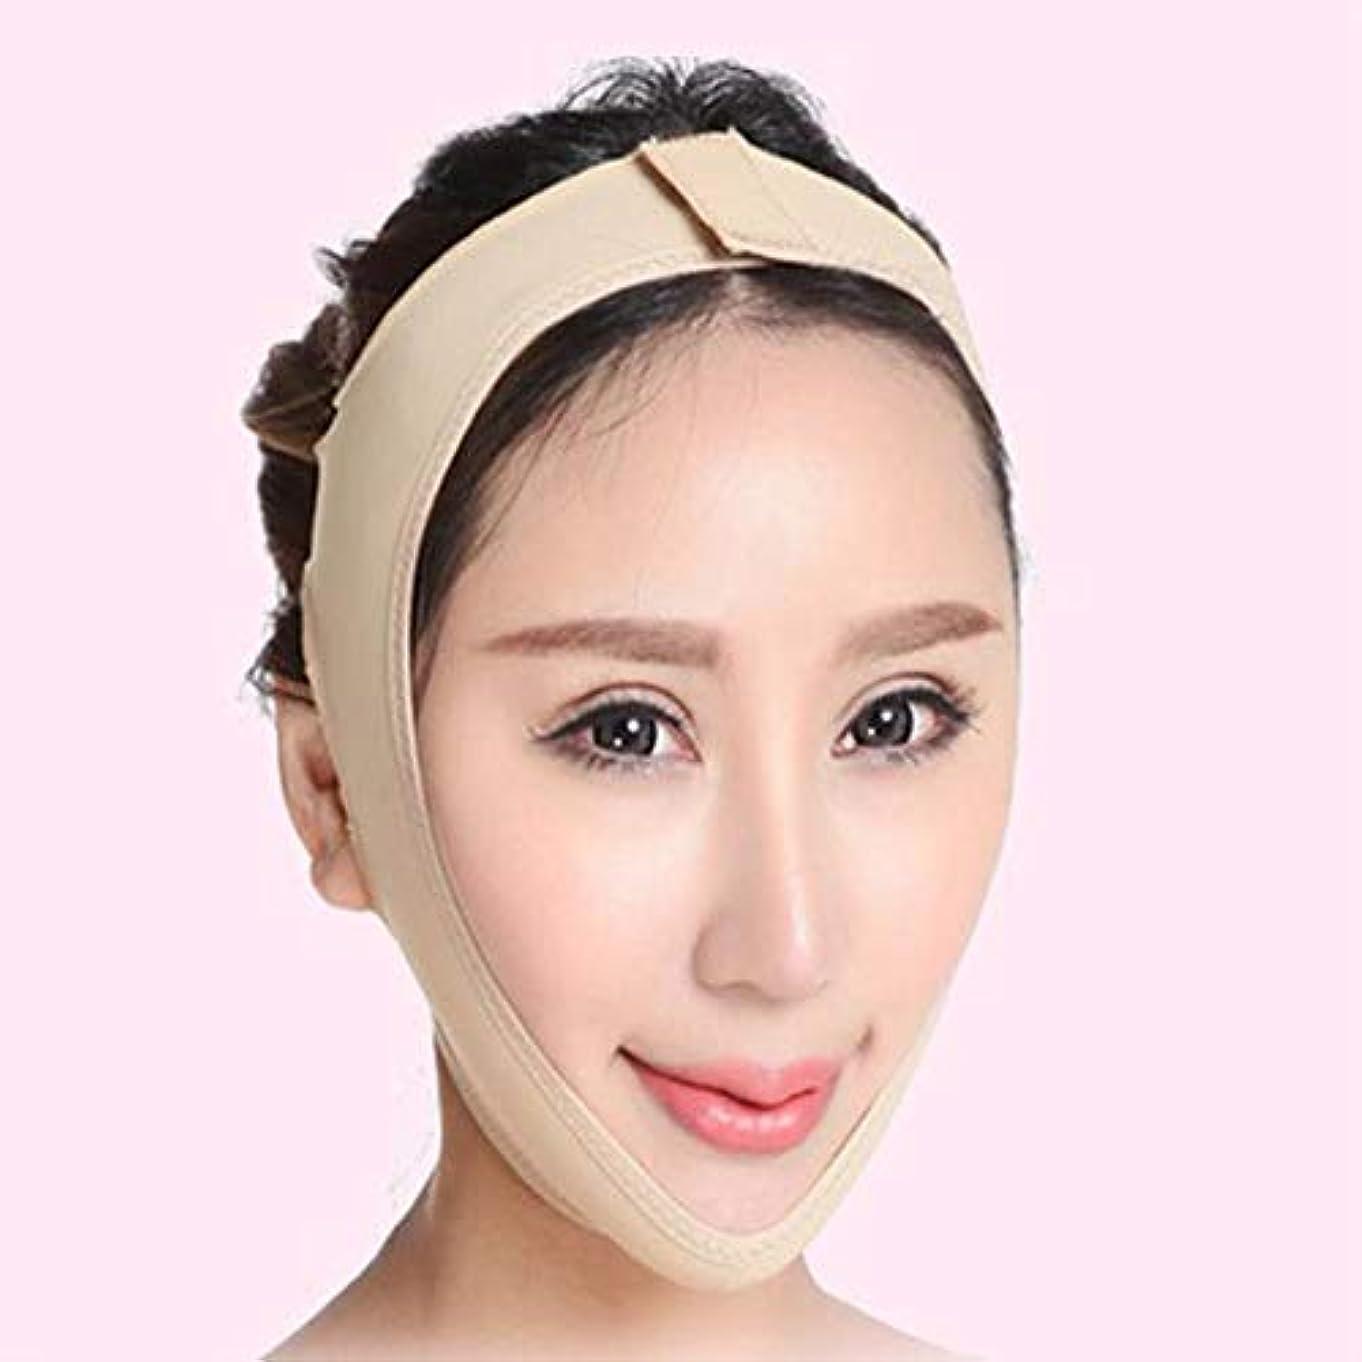 複雑でない多くの危険がある状況トリクルMR 小顔マスク リフトアップ マスク フェイスラインシャープ メンズ レディース Mサイズ MR-AZD15003-M